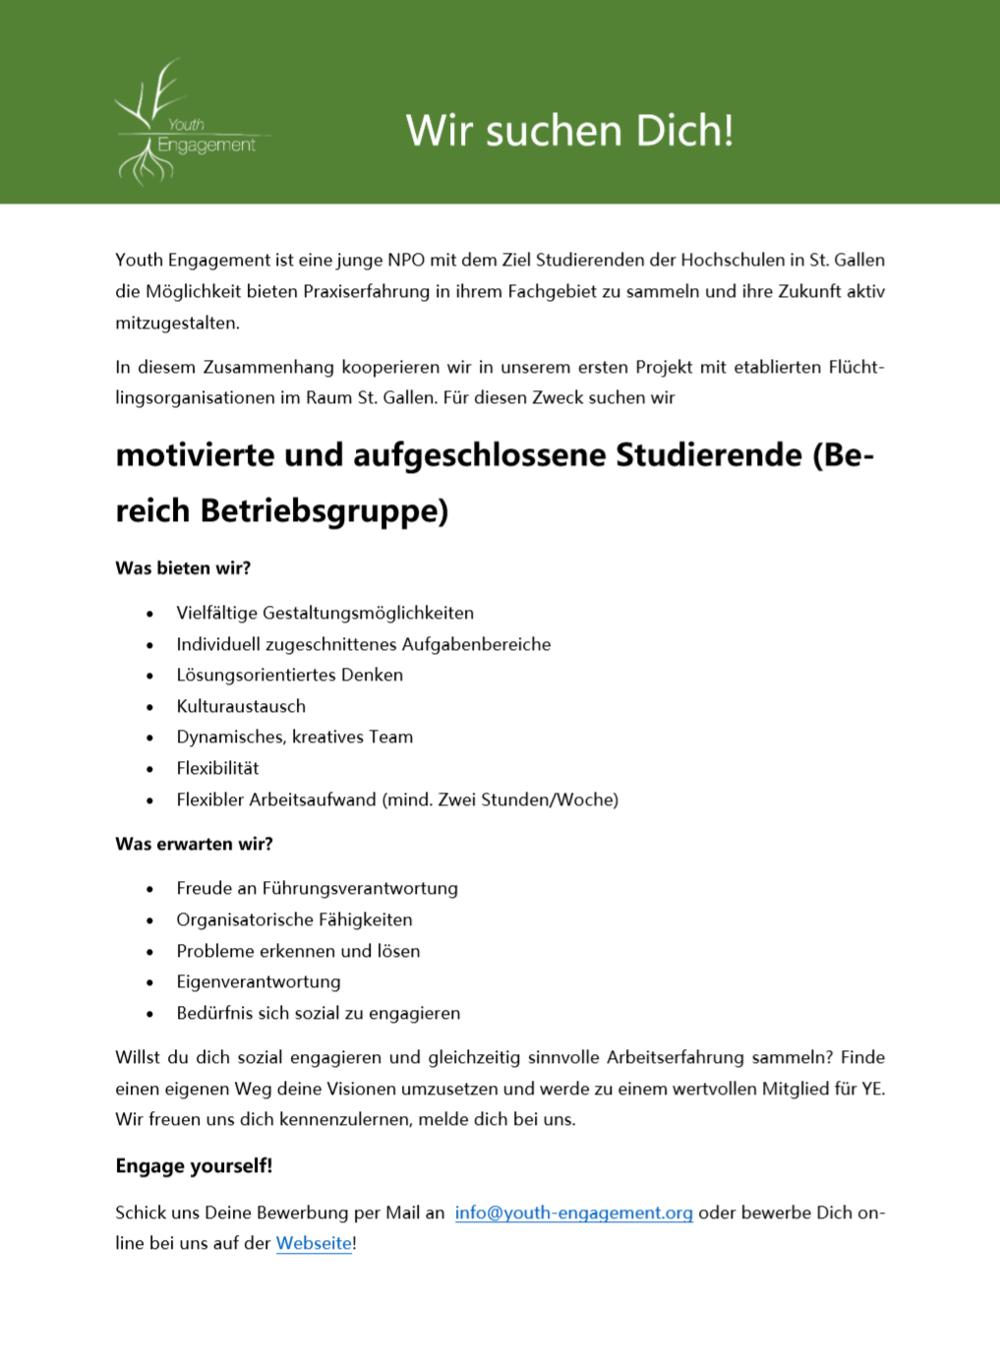 Stelleninserat_betriebsgruppe.PNG